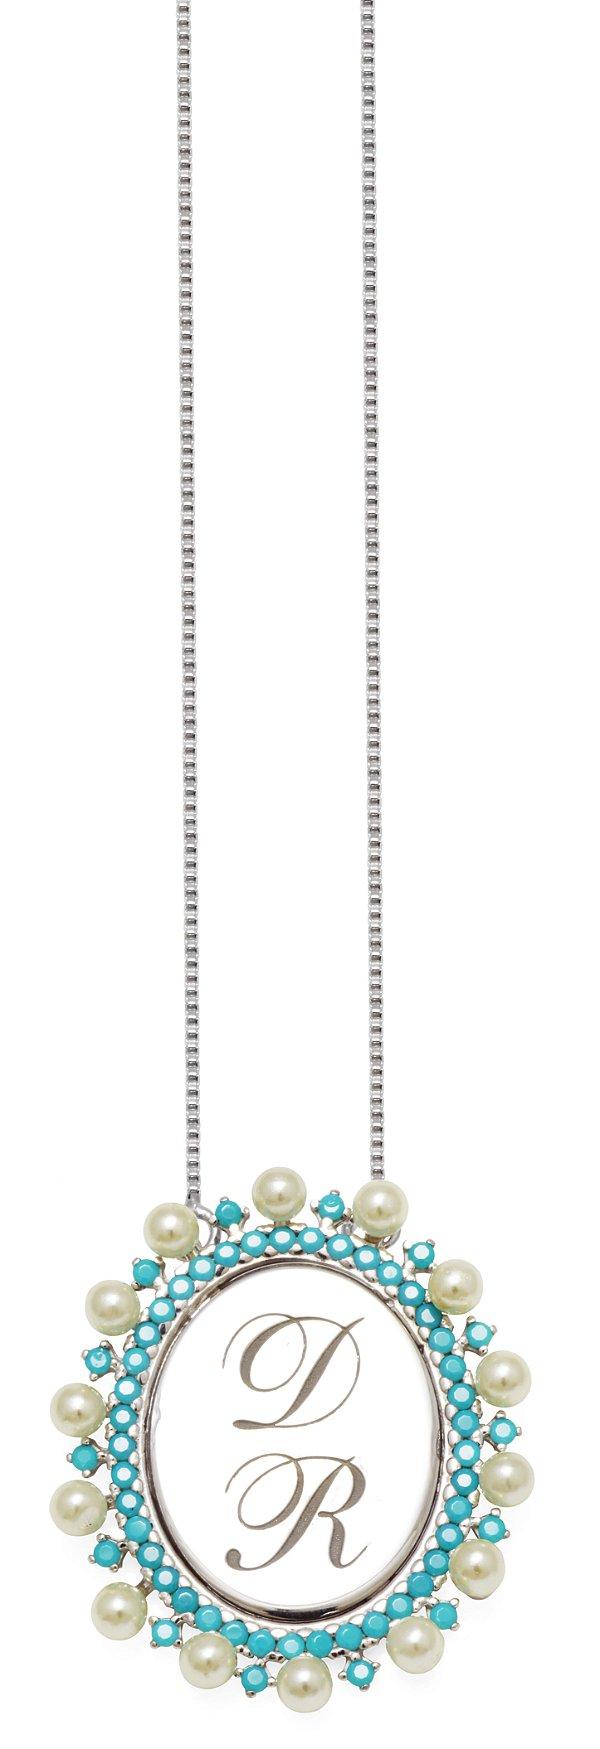 Gargantilha Prata Cravejada Turquesa e Perola Personalizada até 3 Letras VD 205